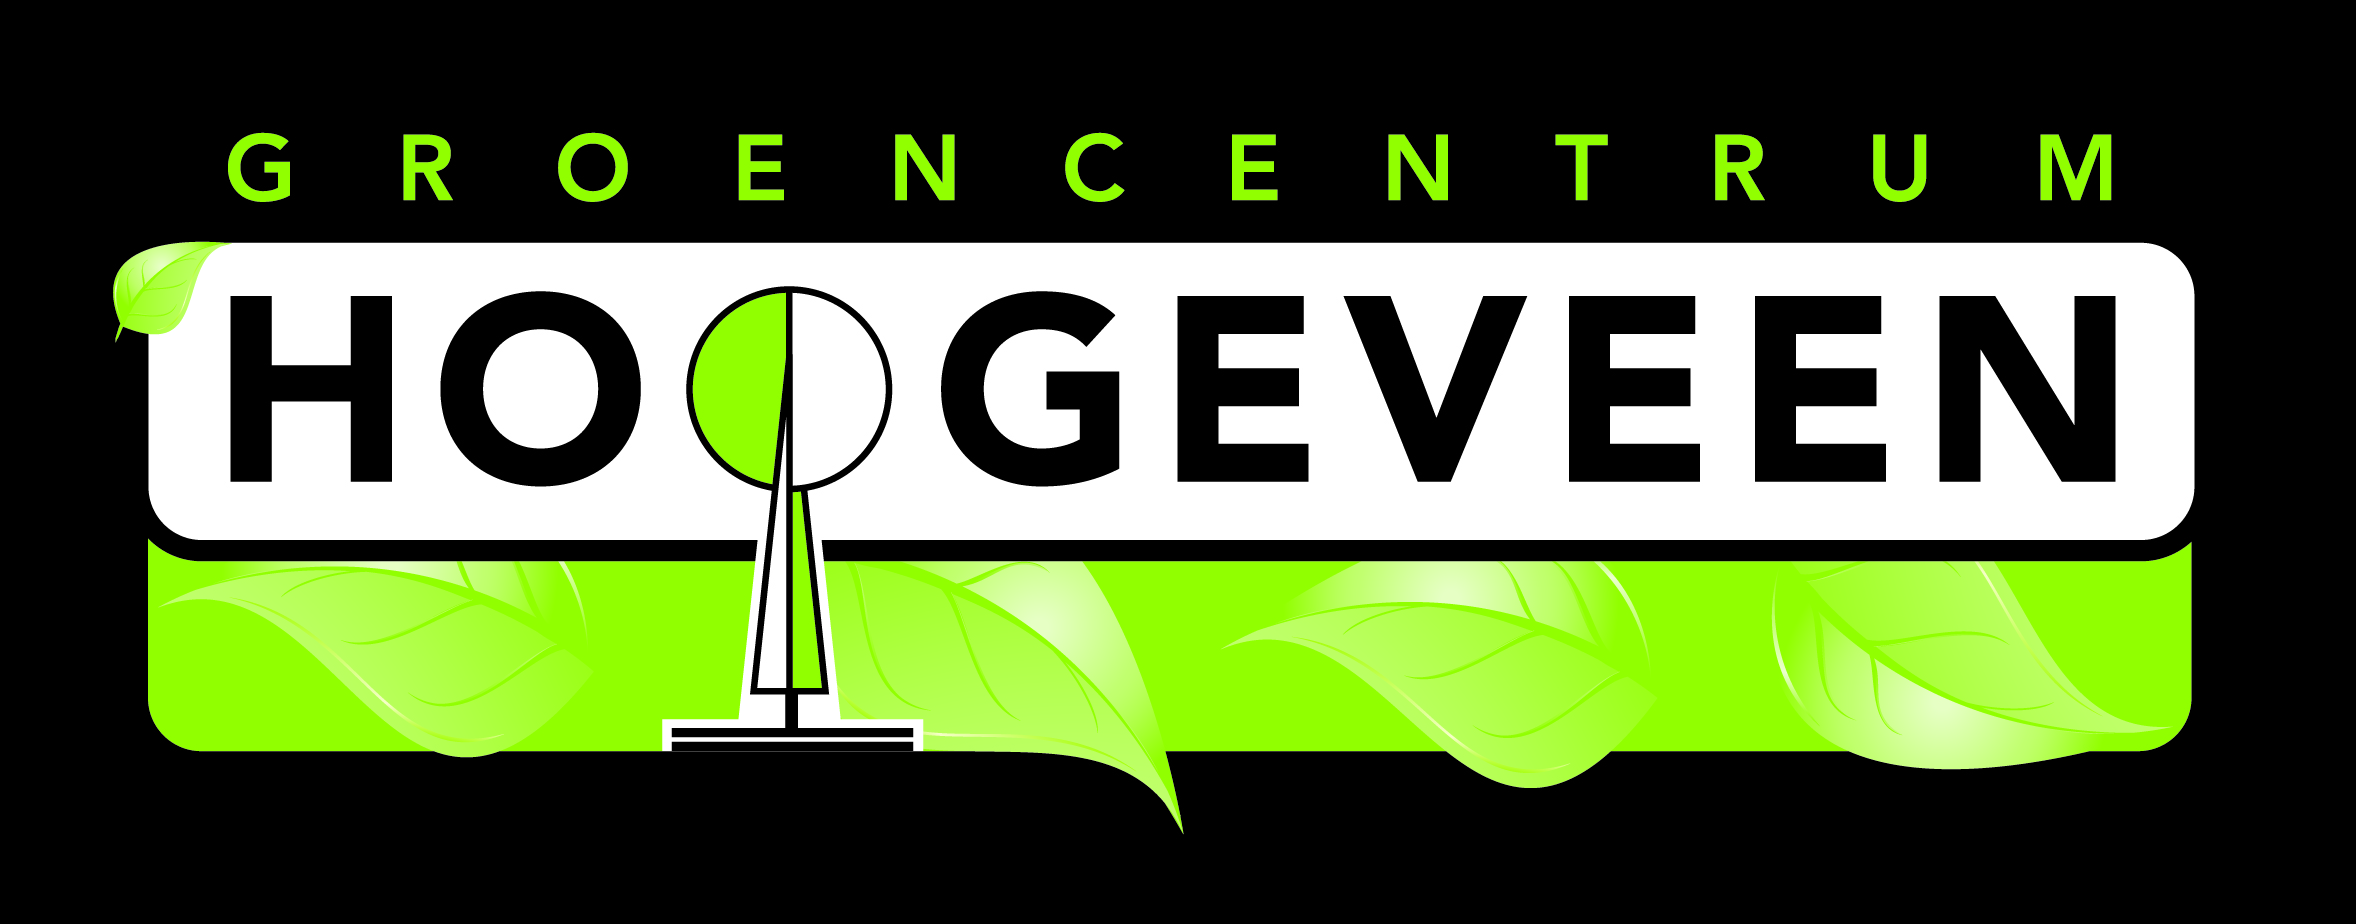 logo_CMYK_groen wit_voor kleding